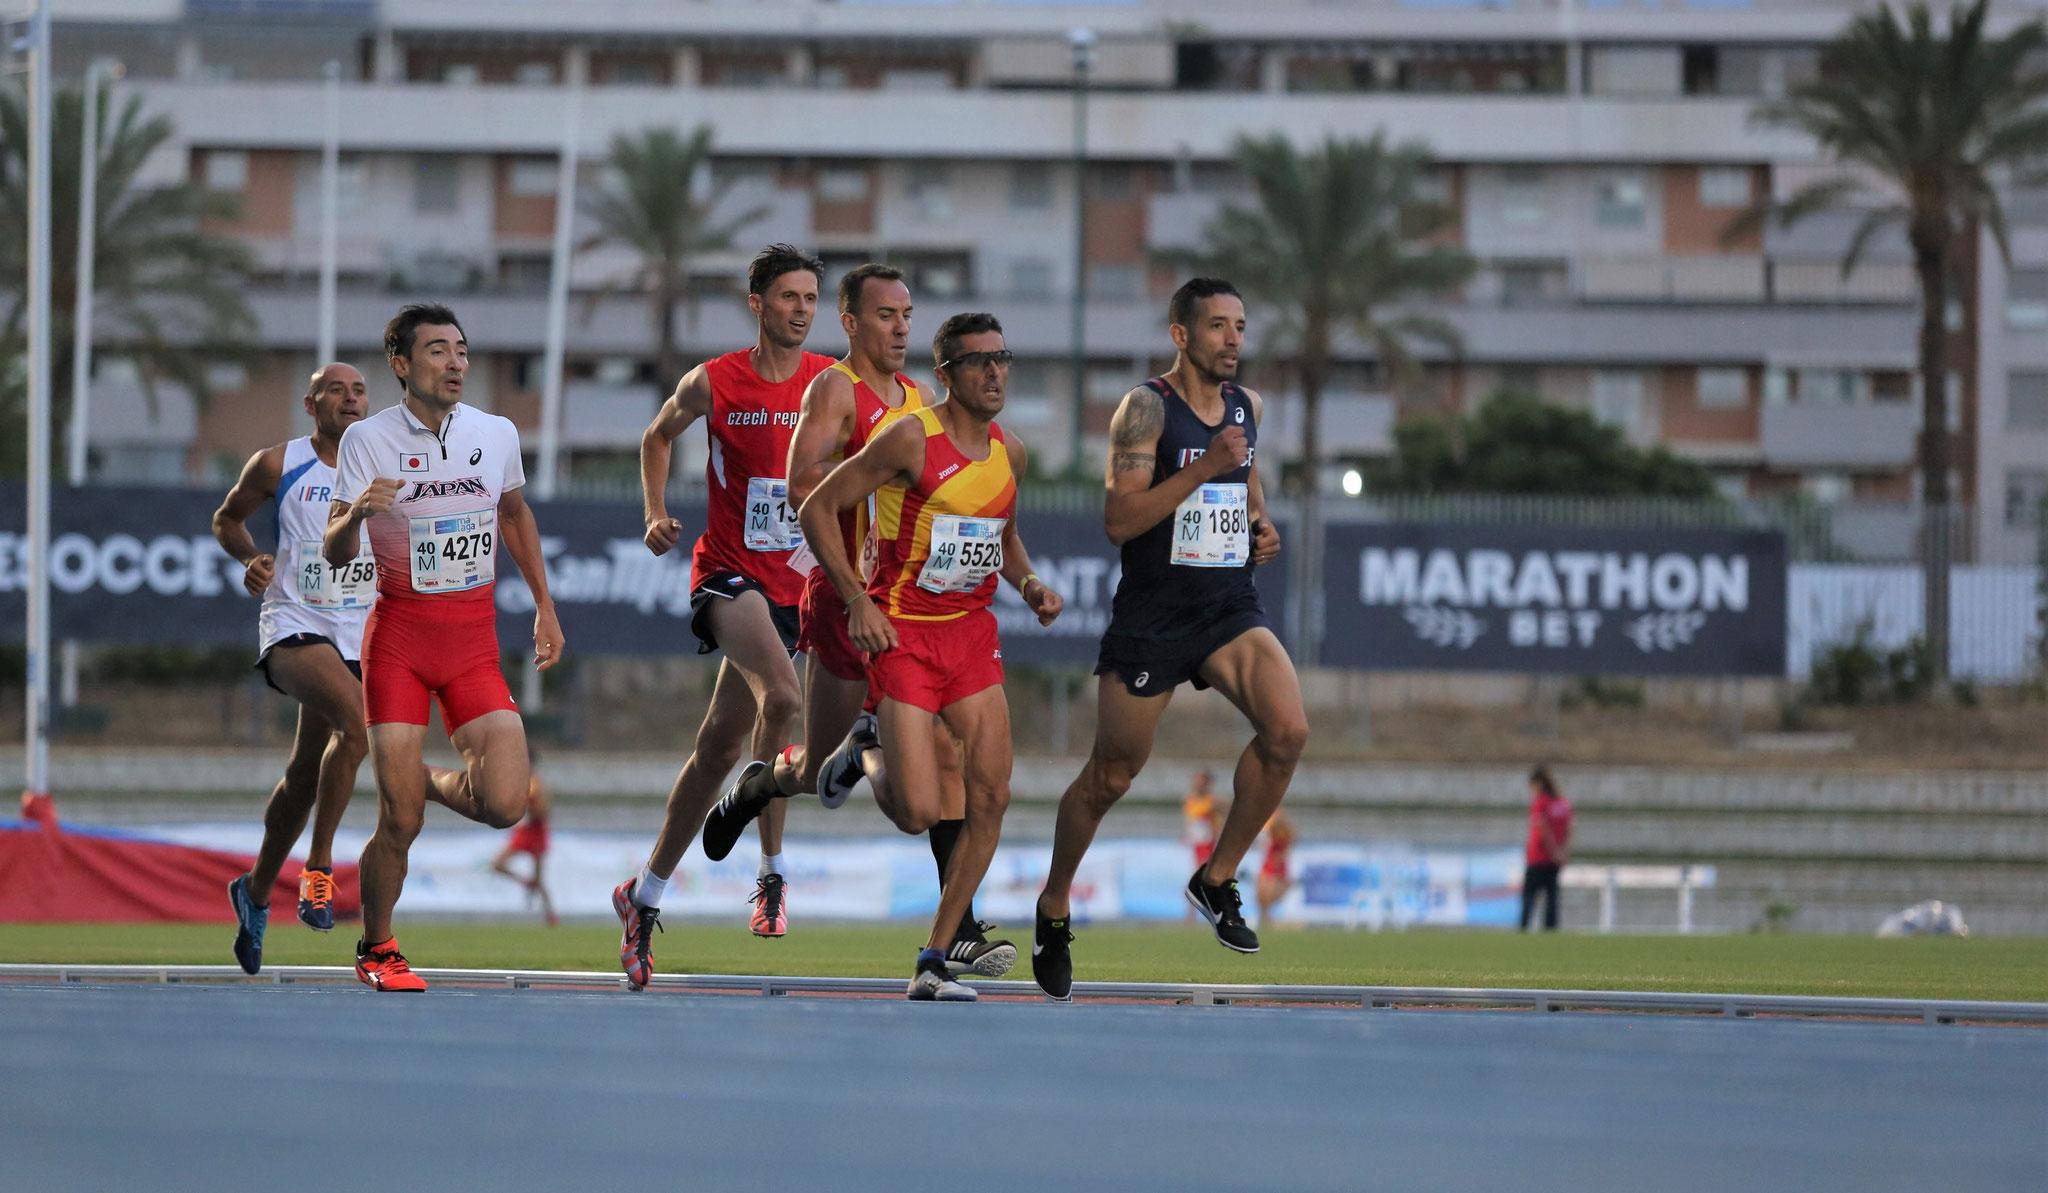 Rachid FARID en pleine course aux Championnats du monde Masters 2018 à Malaga.